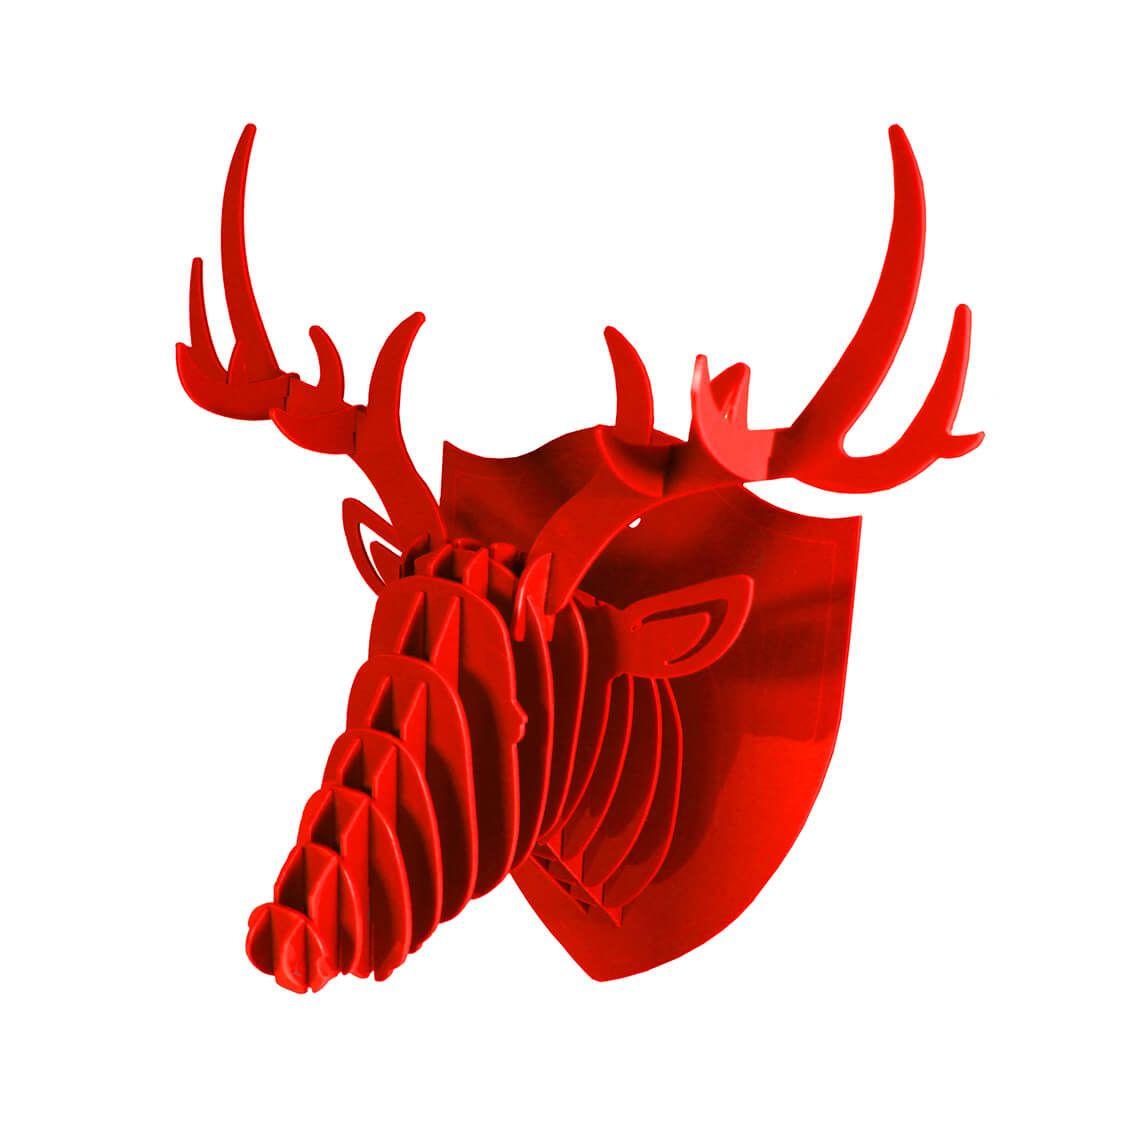 Cabeça para montar em acrilico vermelho - Cervo